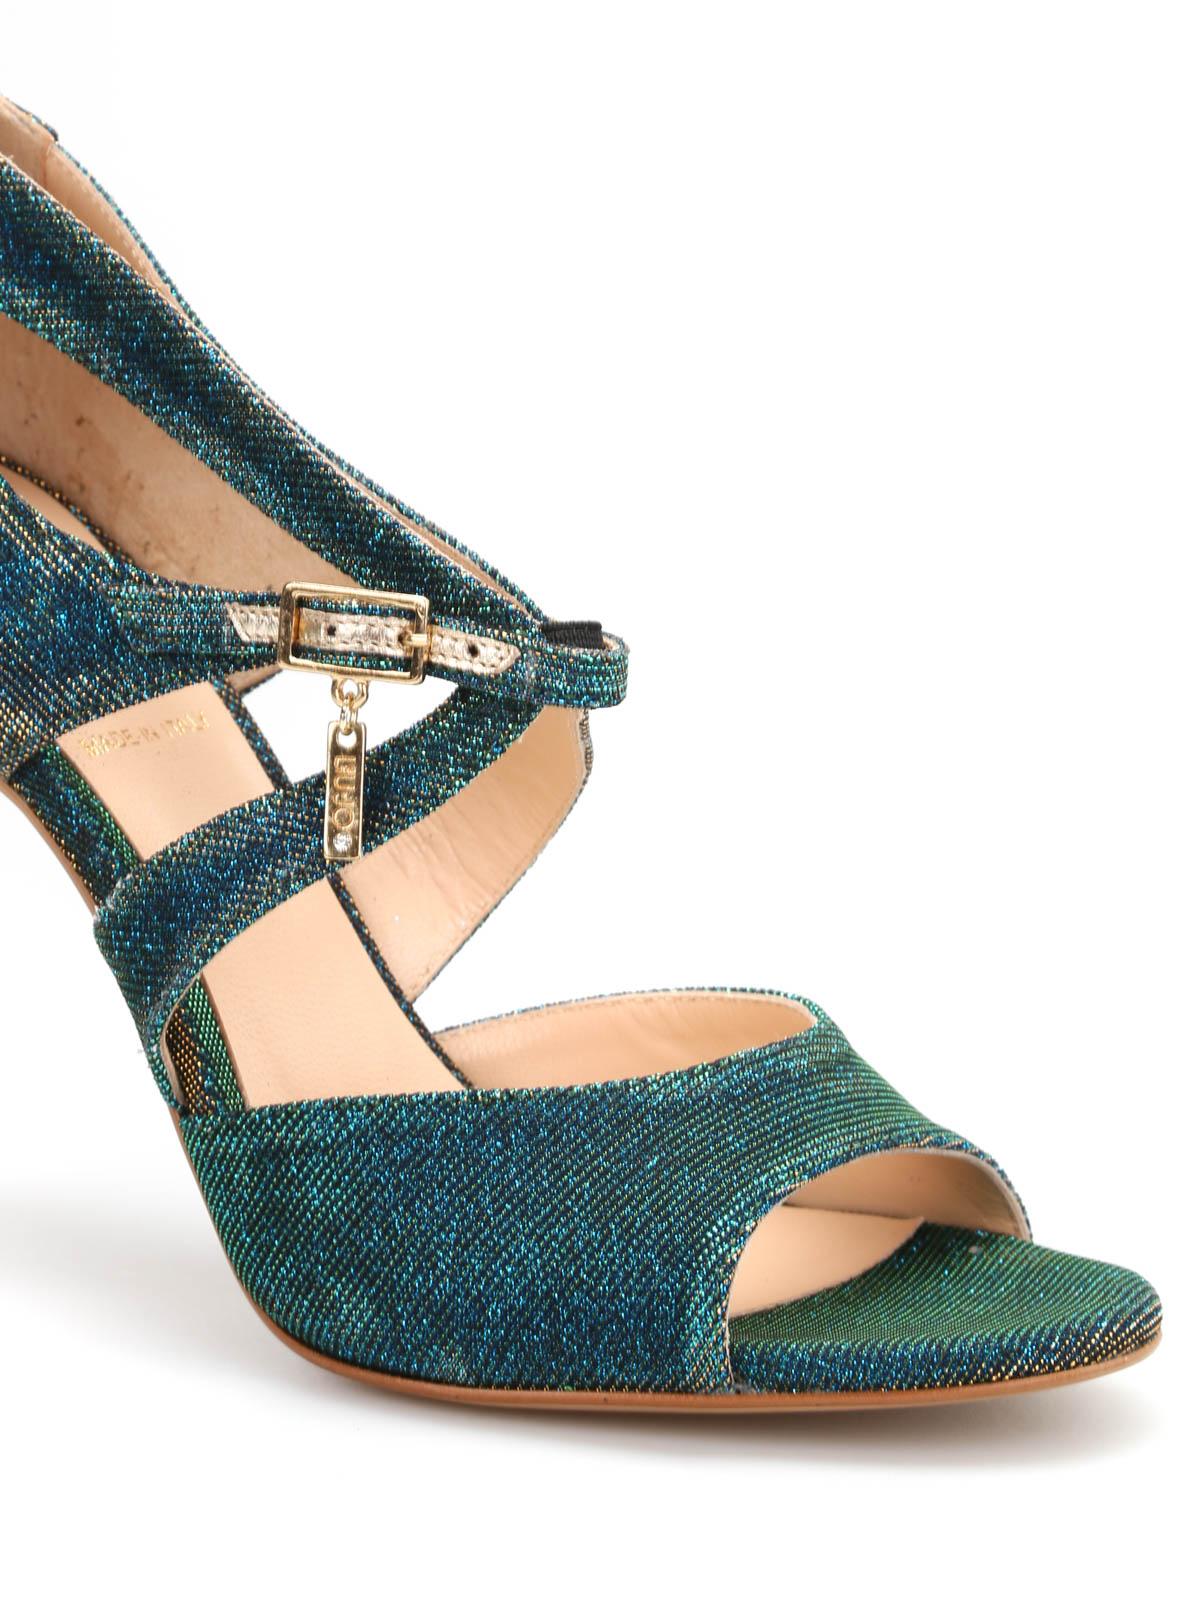 best value 6dbb1 c7f7f Liu Jo - Glitter effect sandals - sandals - S16047T896503U67 ...